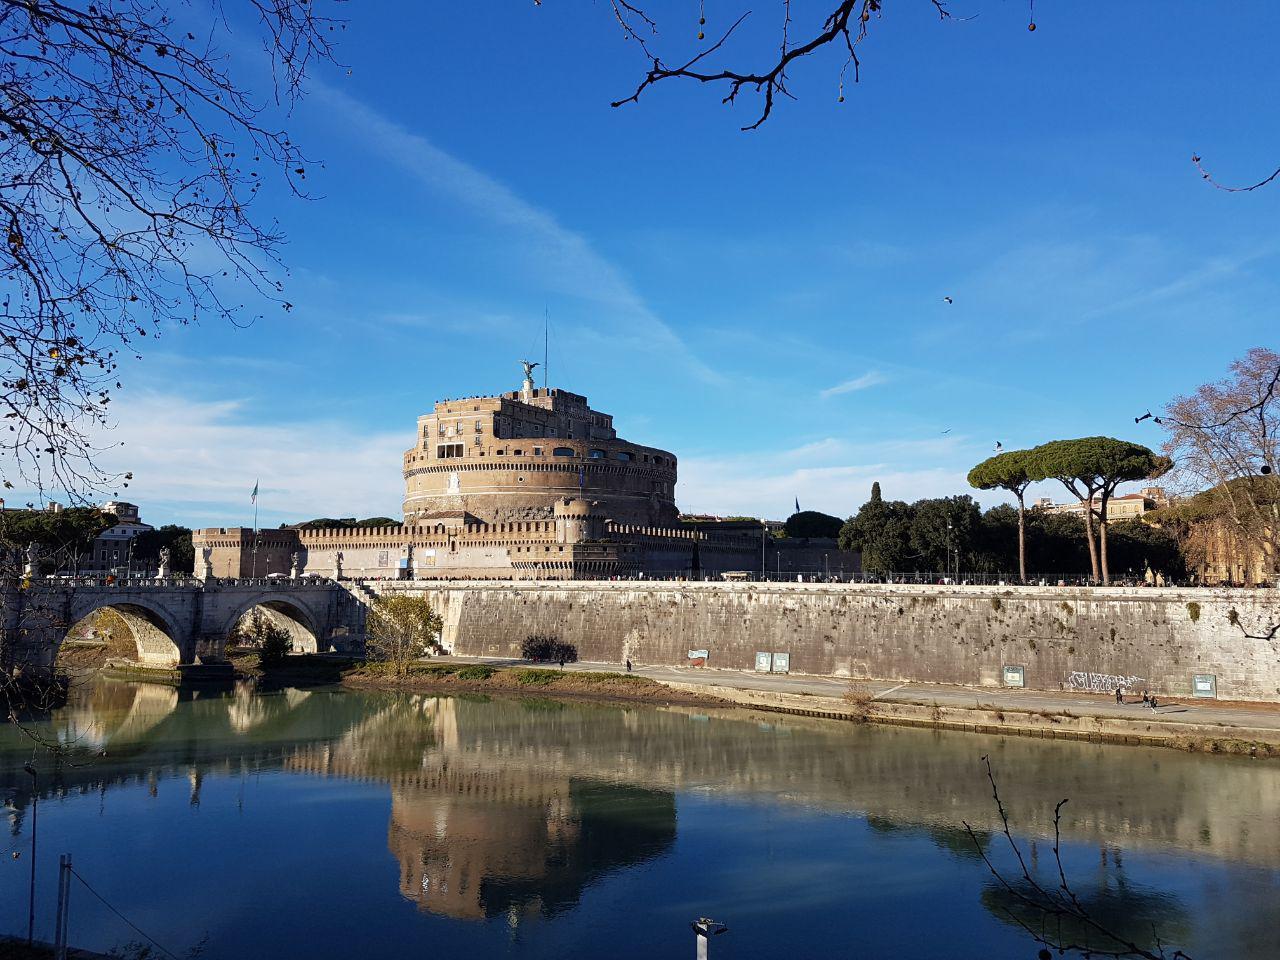 Замок Святого Ангела, Рим, Италия. Январь, 2019